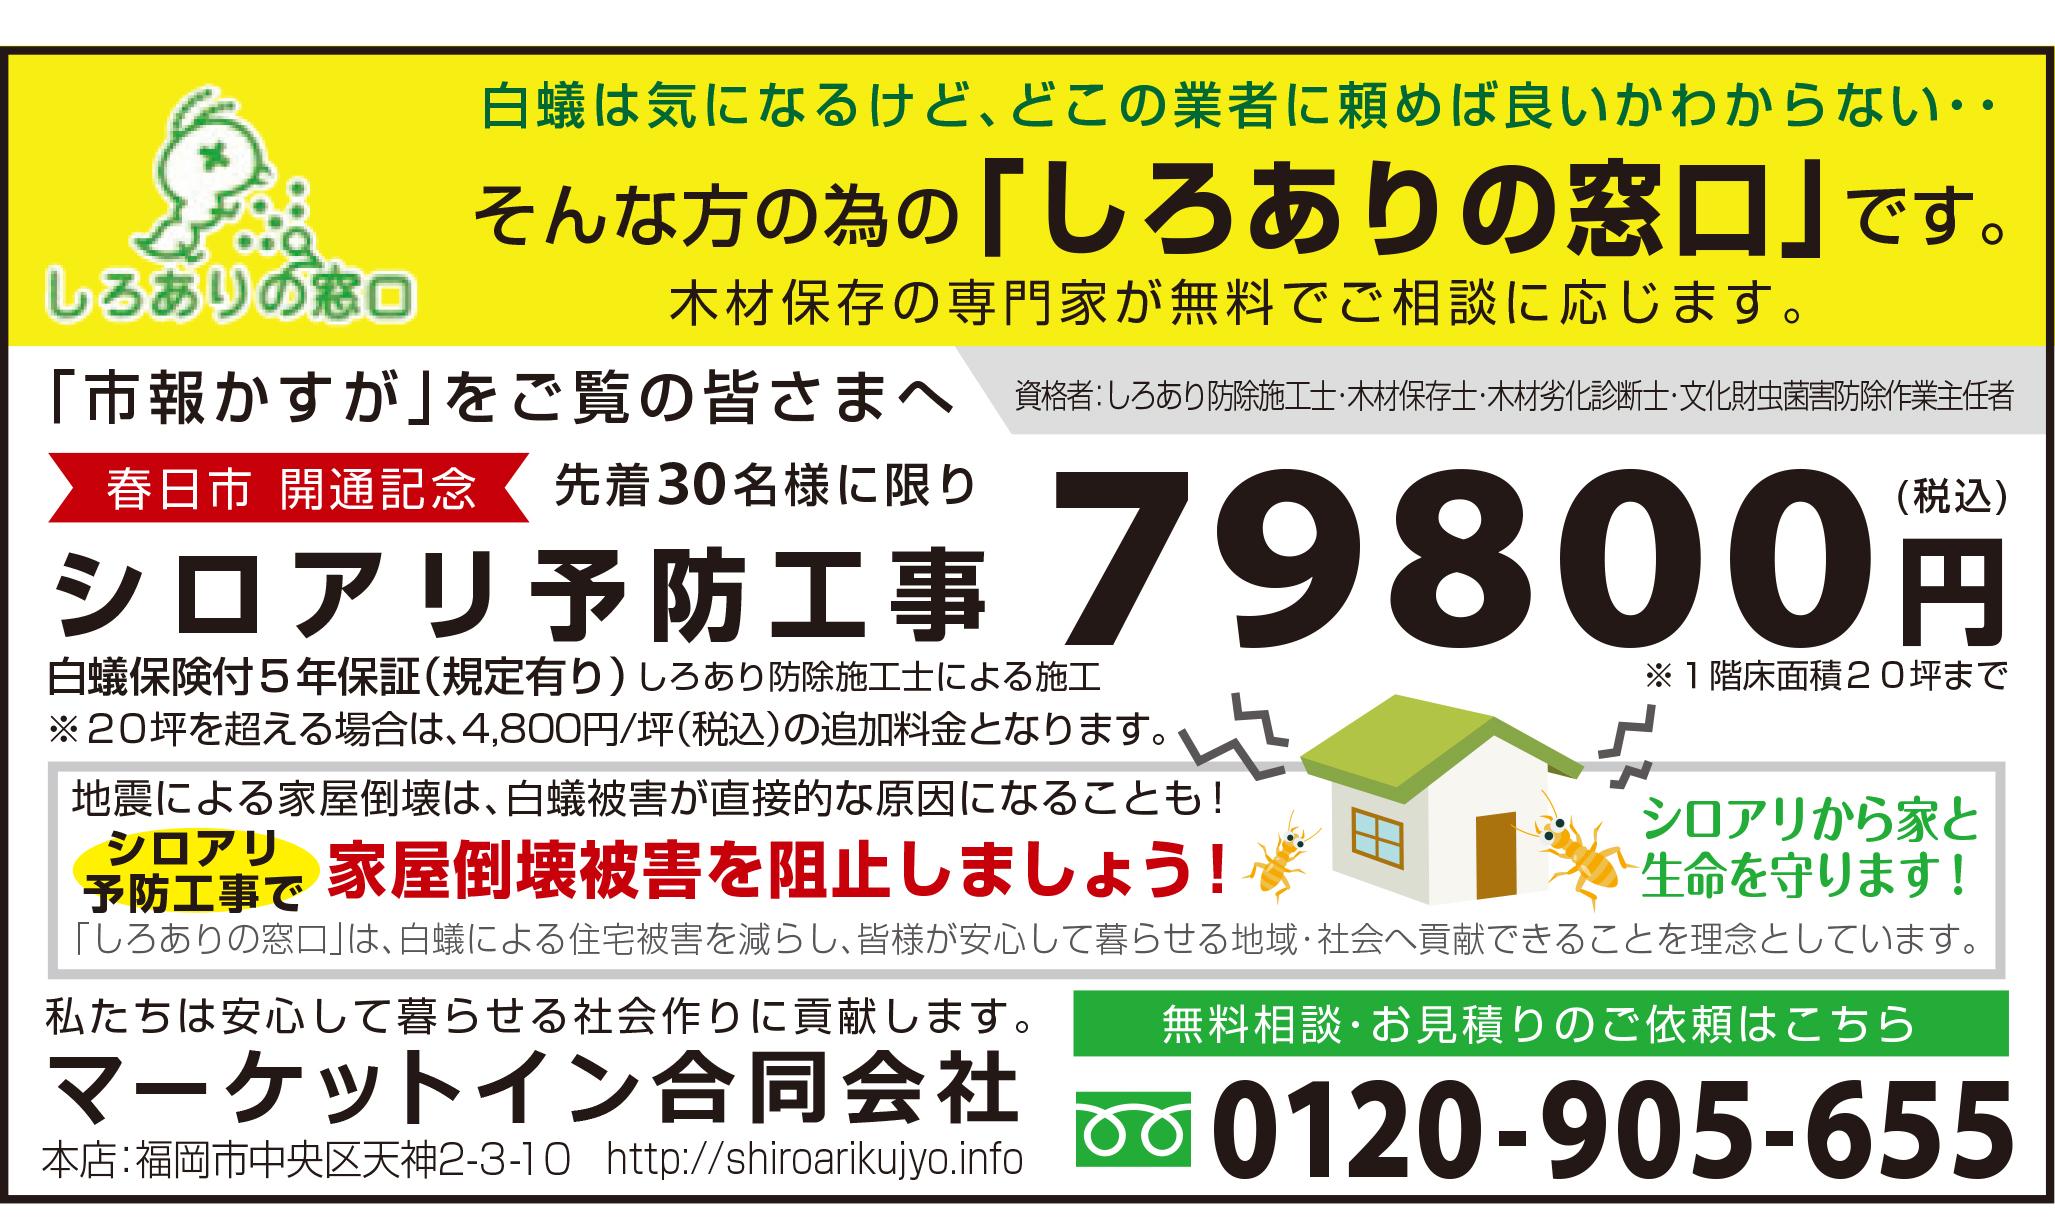 福岡県春日市「市報かすが」掲載広告